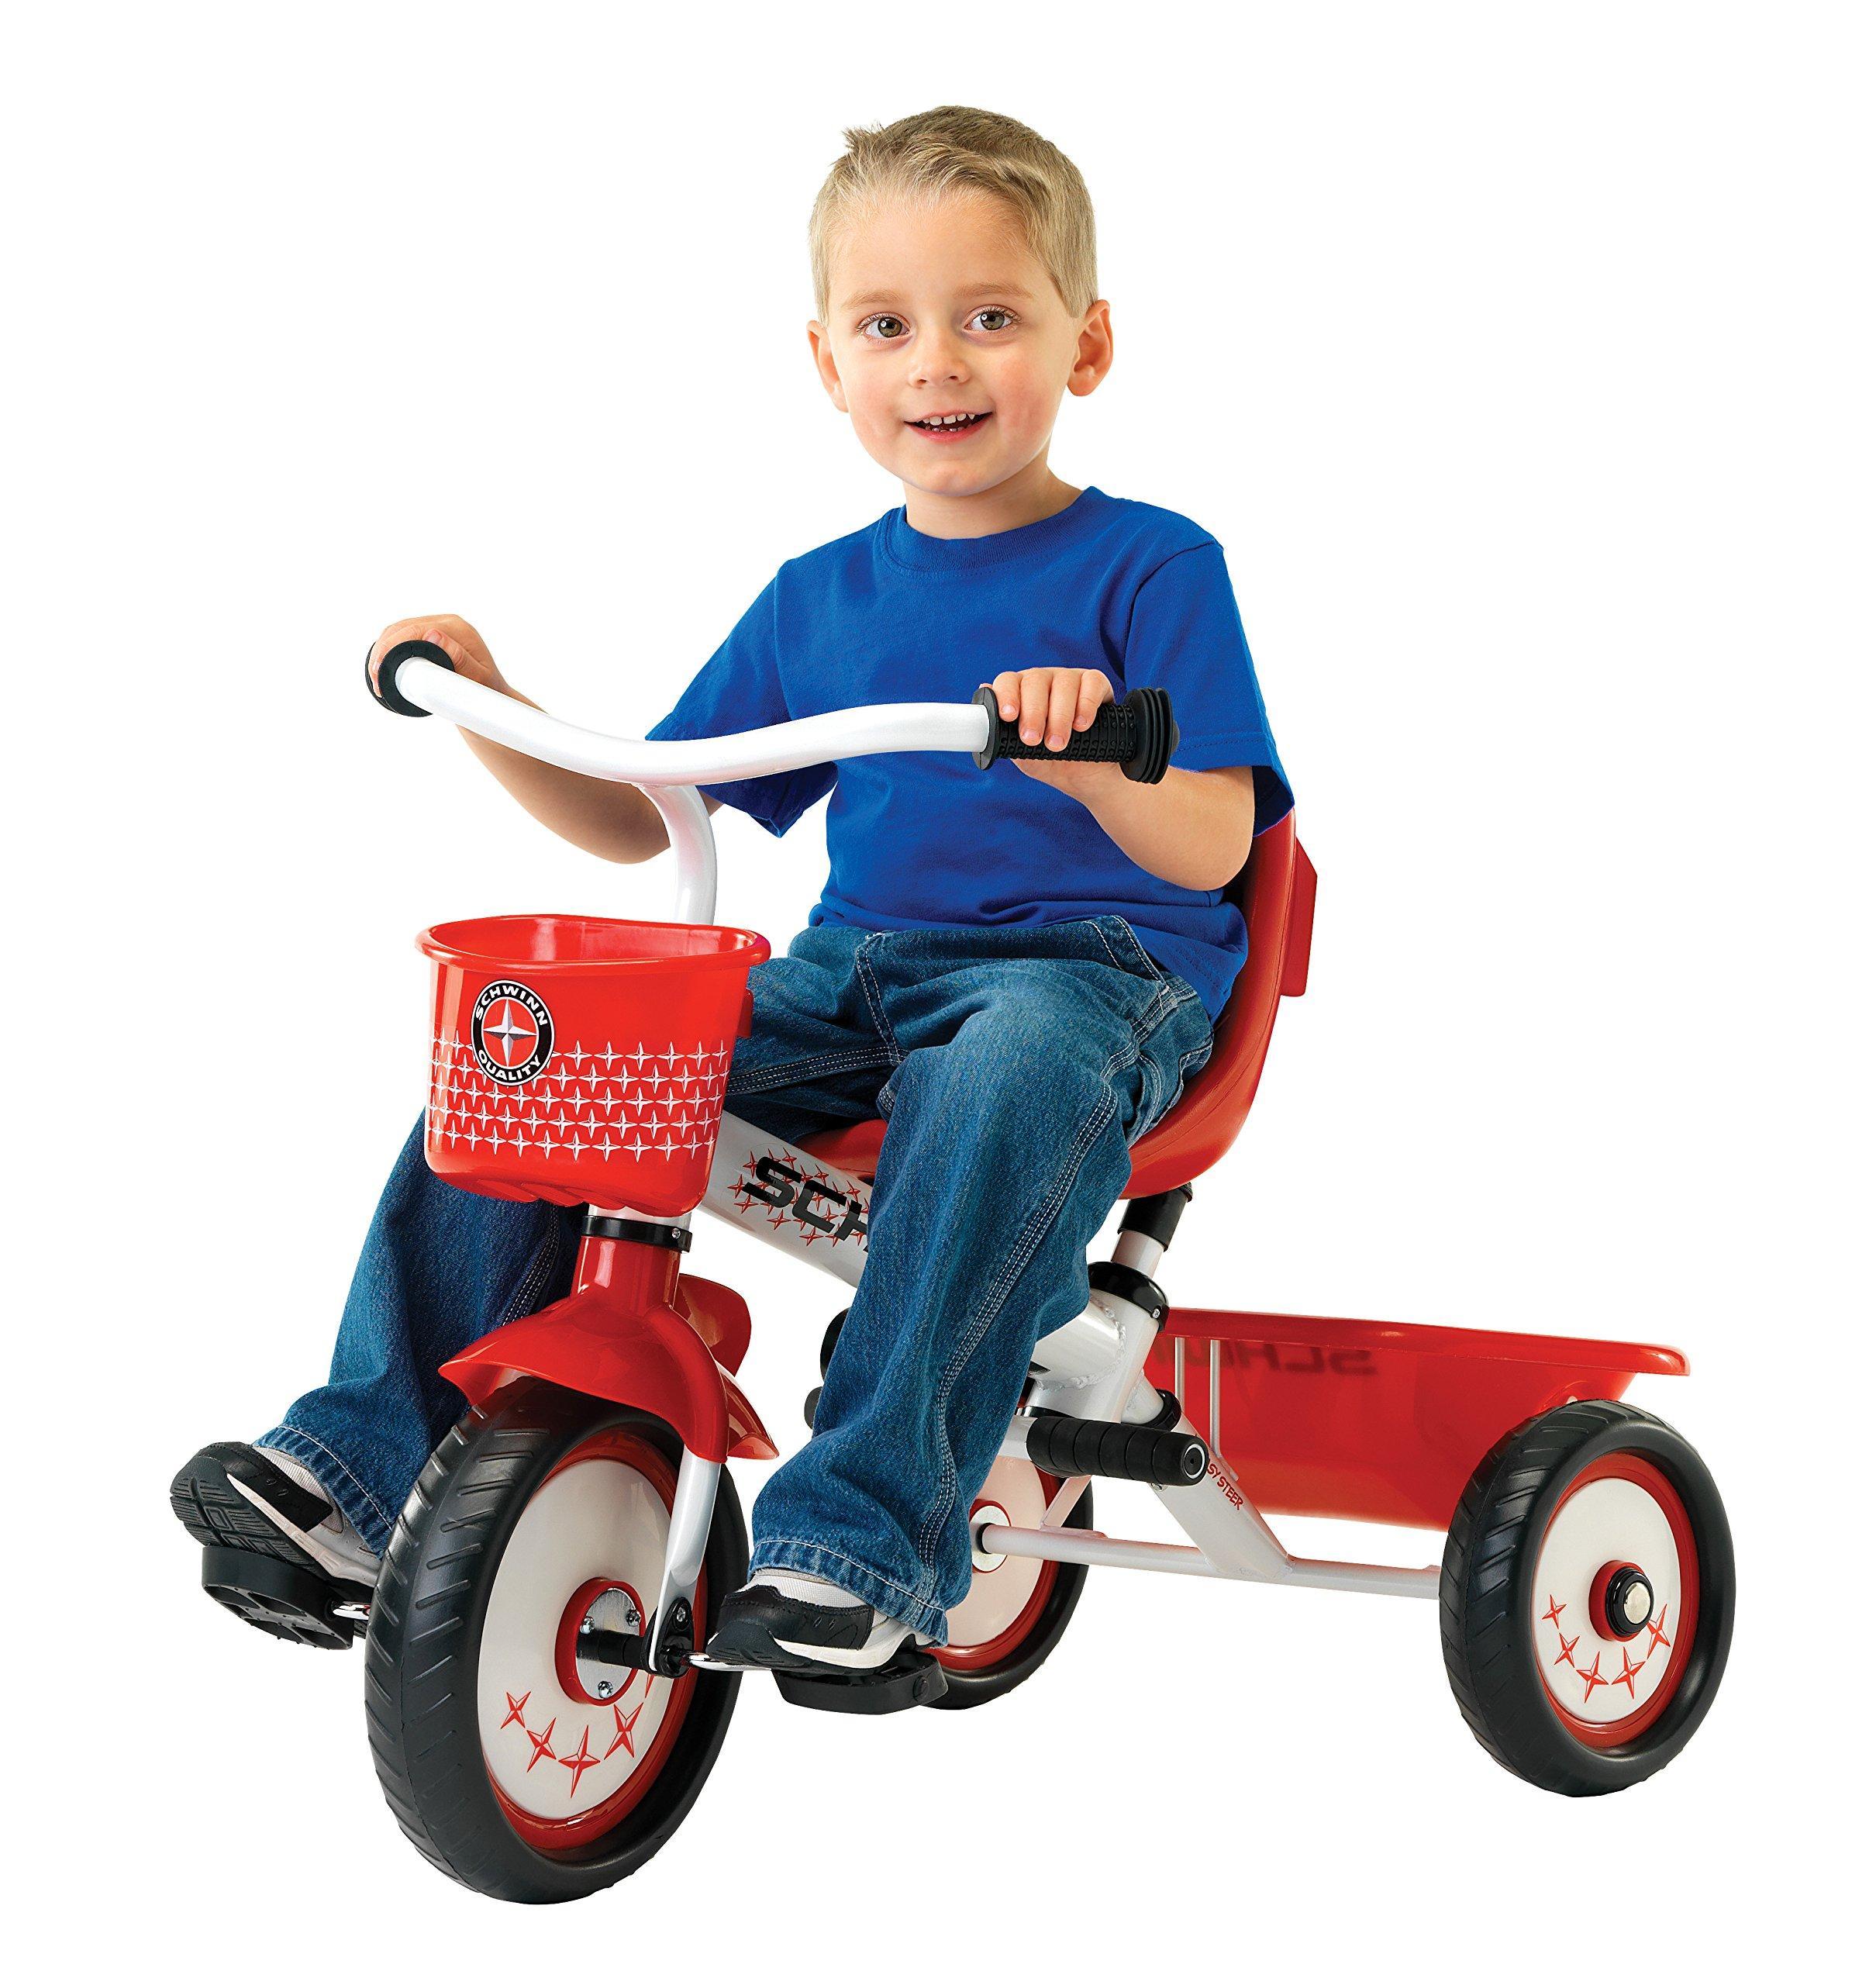 Schwinn Easy Steer Tricycle, Red/White by Schwinn (Image #4)